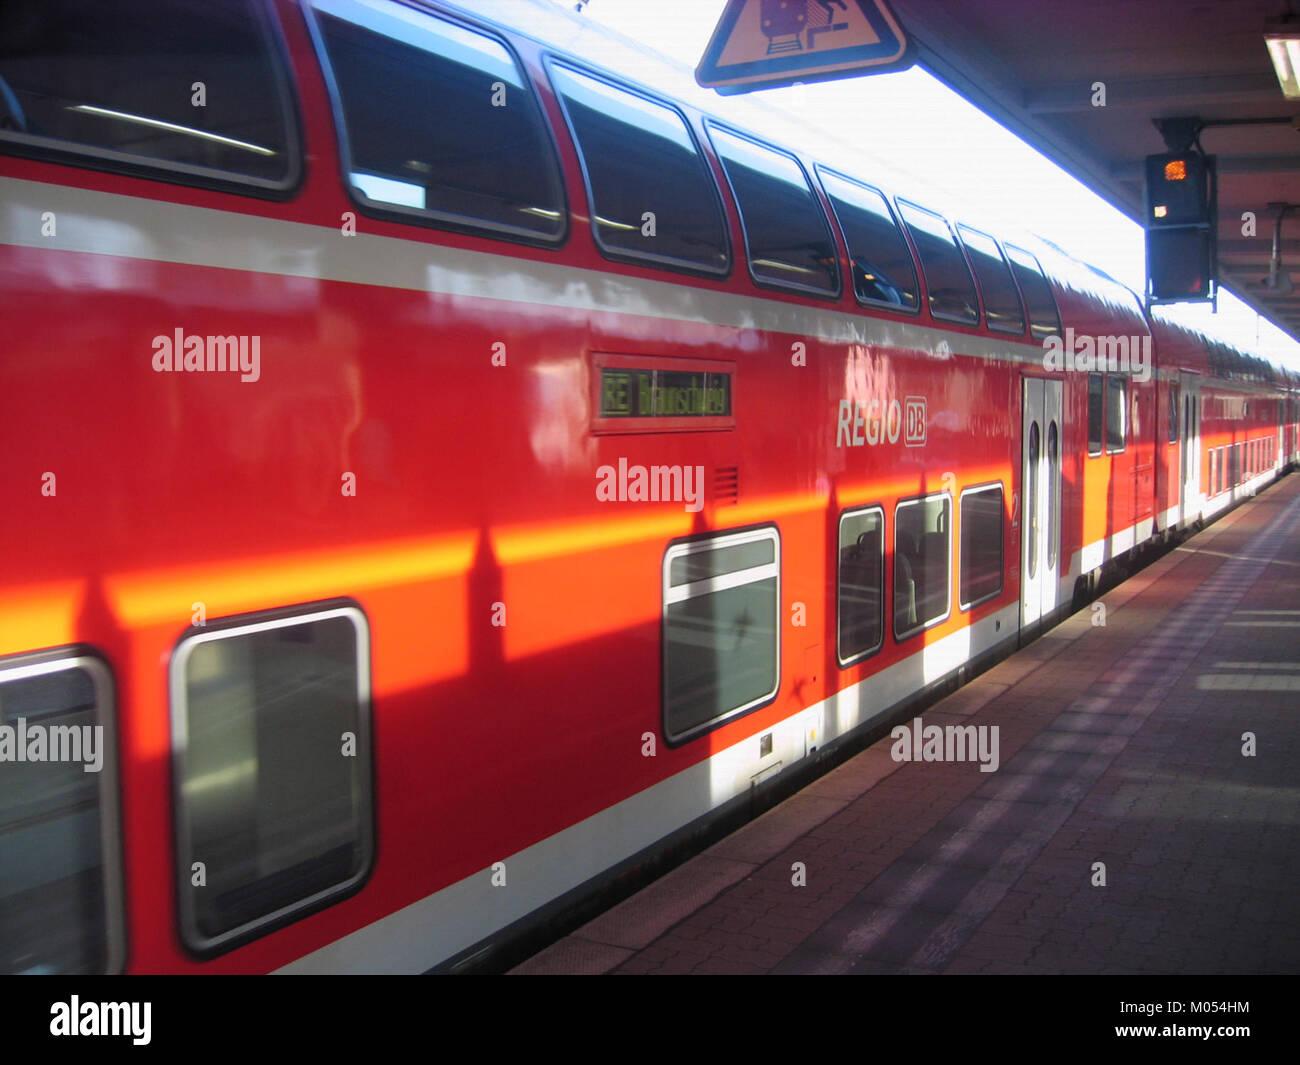 Braunschweig, Ems-Leine-Express 2009-Nov (5) - Stock Image